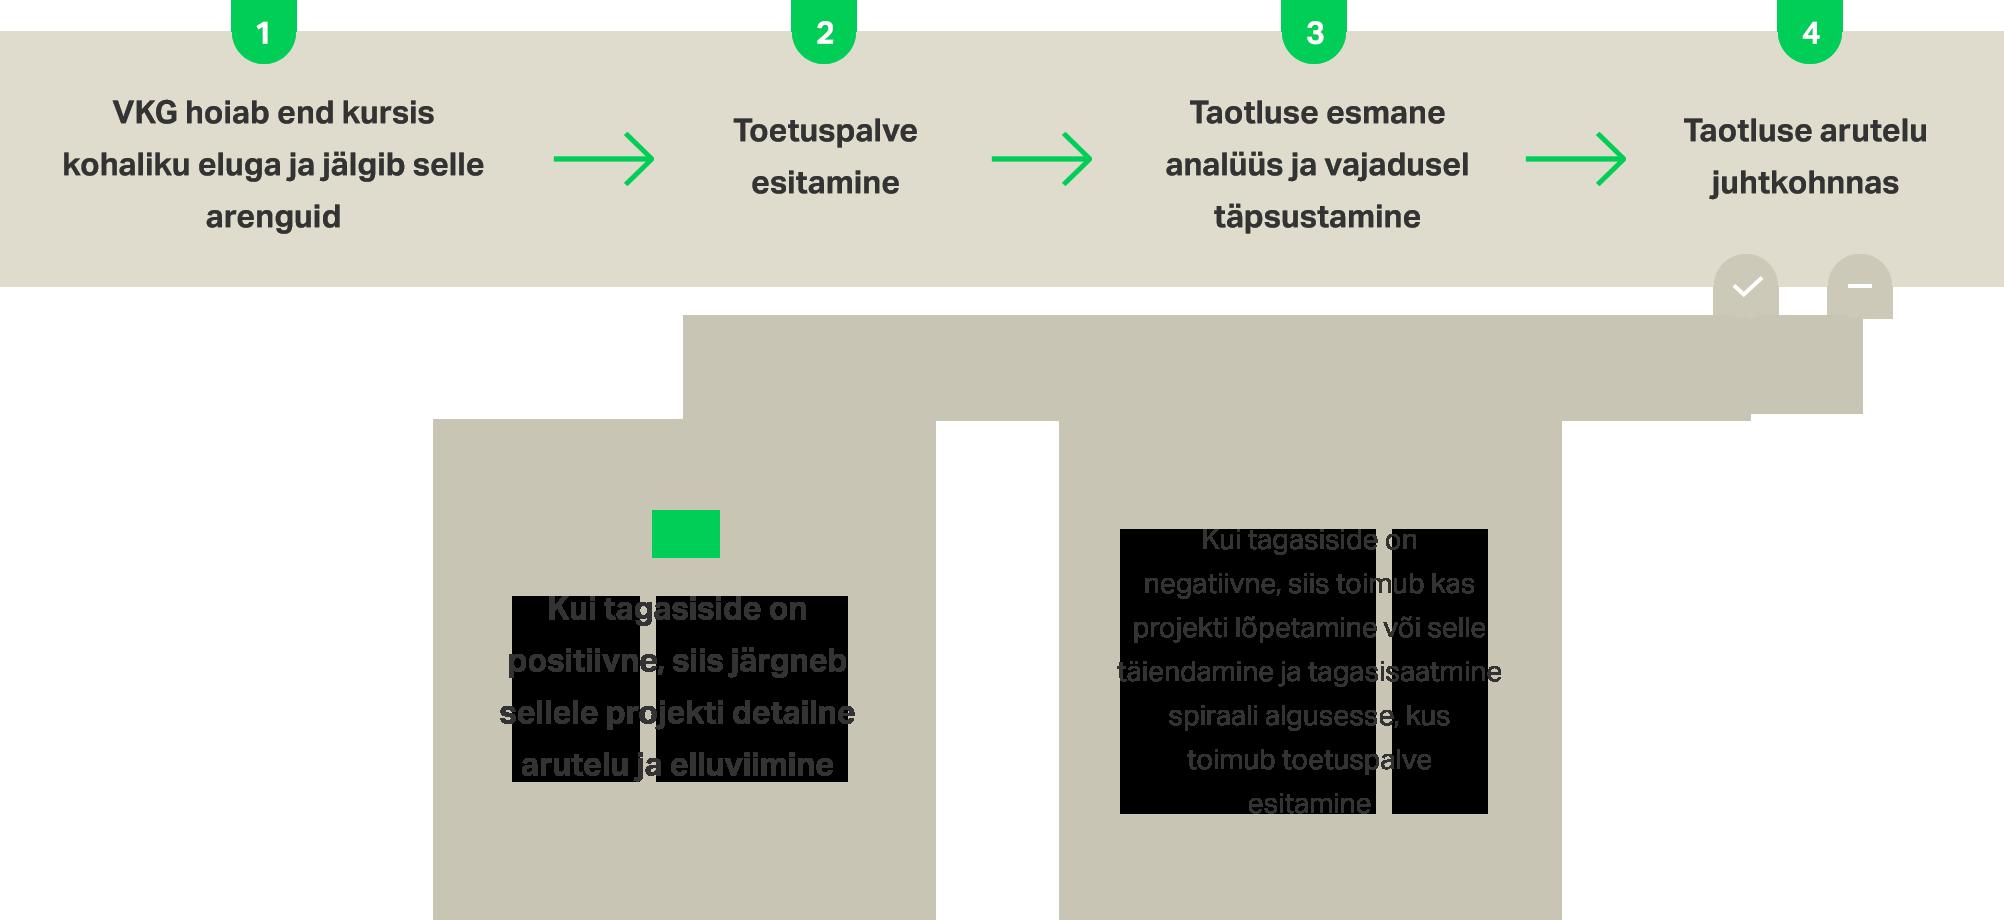 ffeece27c2d Sotsiaalse vastutuse ja säästva arengu aruanne 2017 - Viru Keemia Grupp